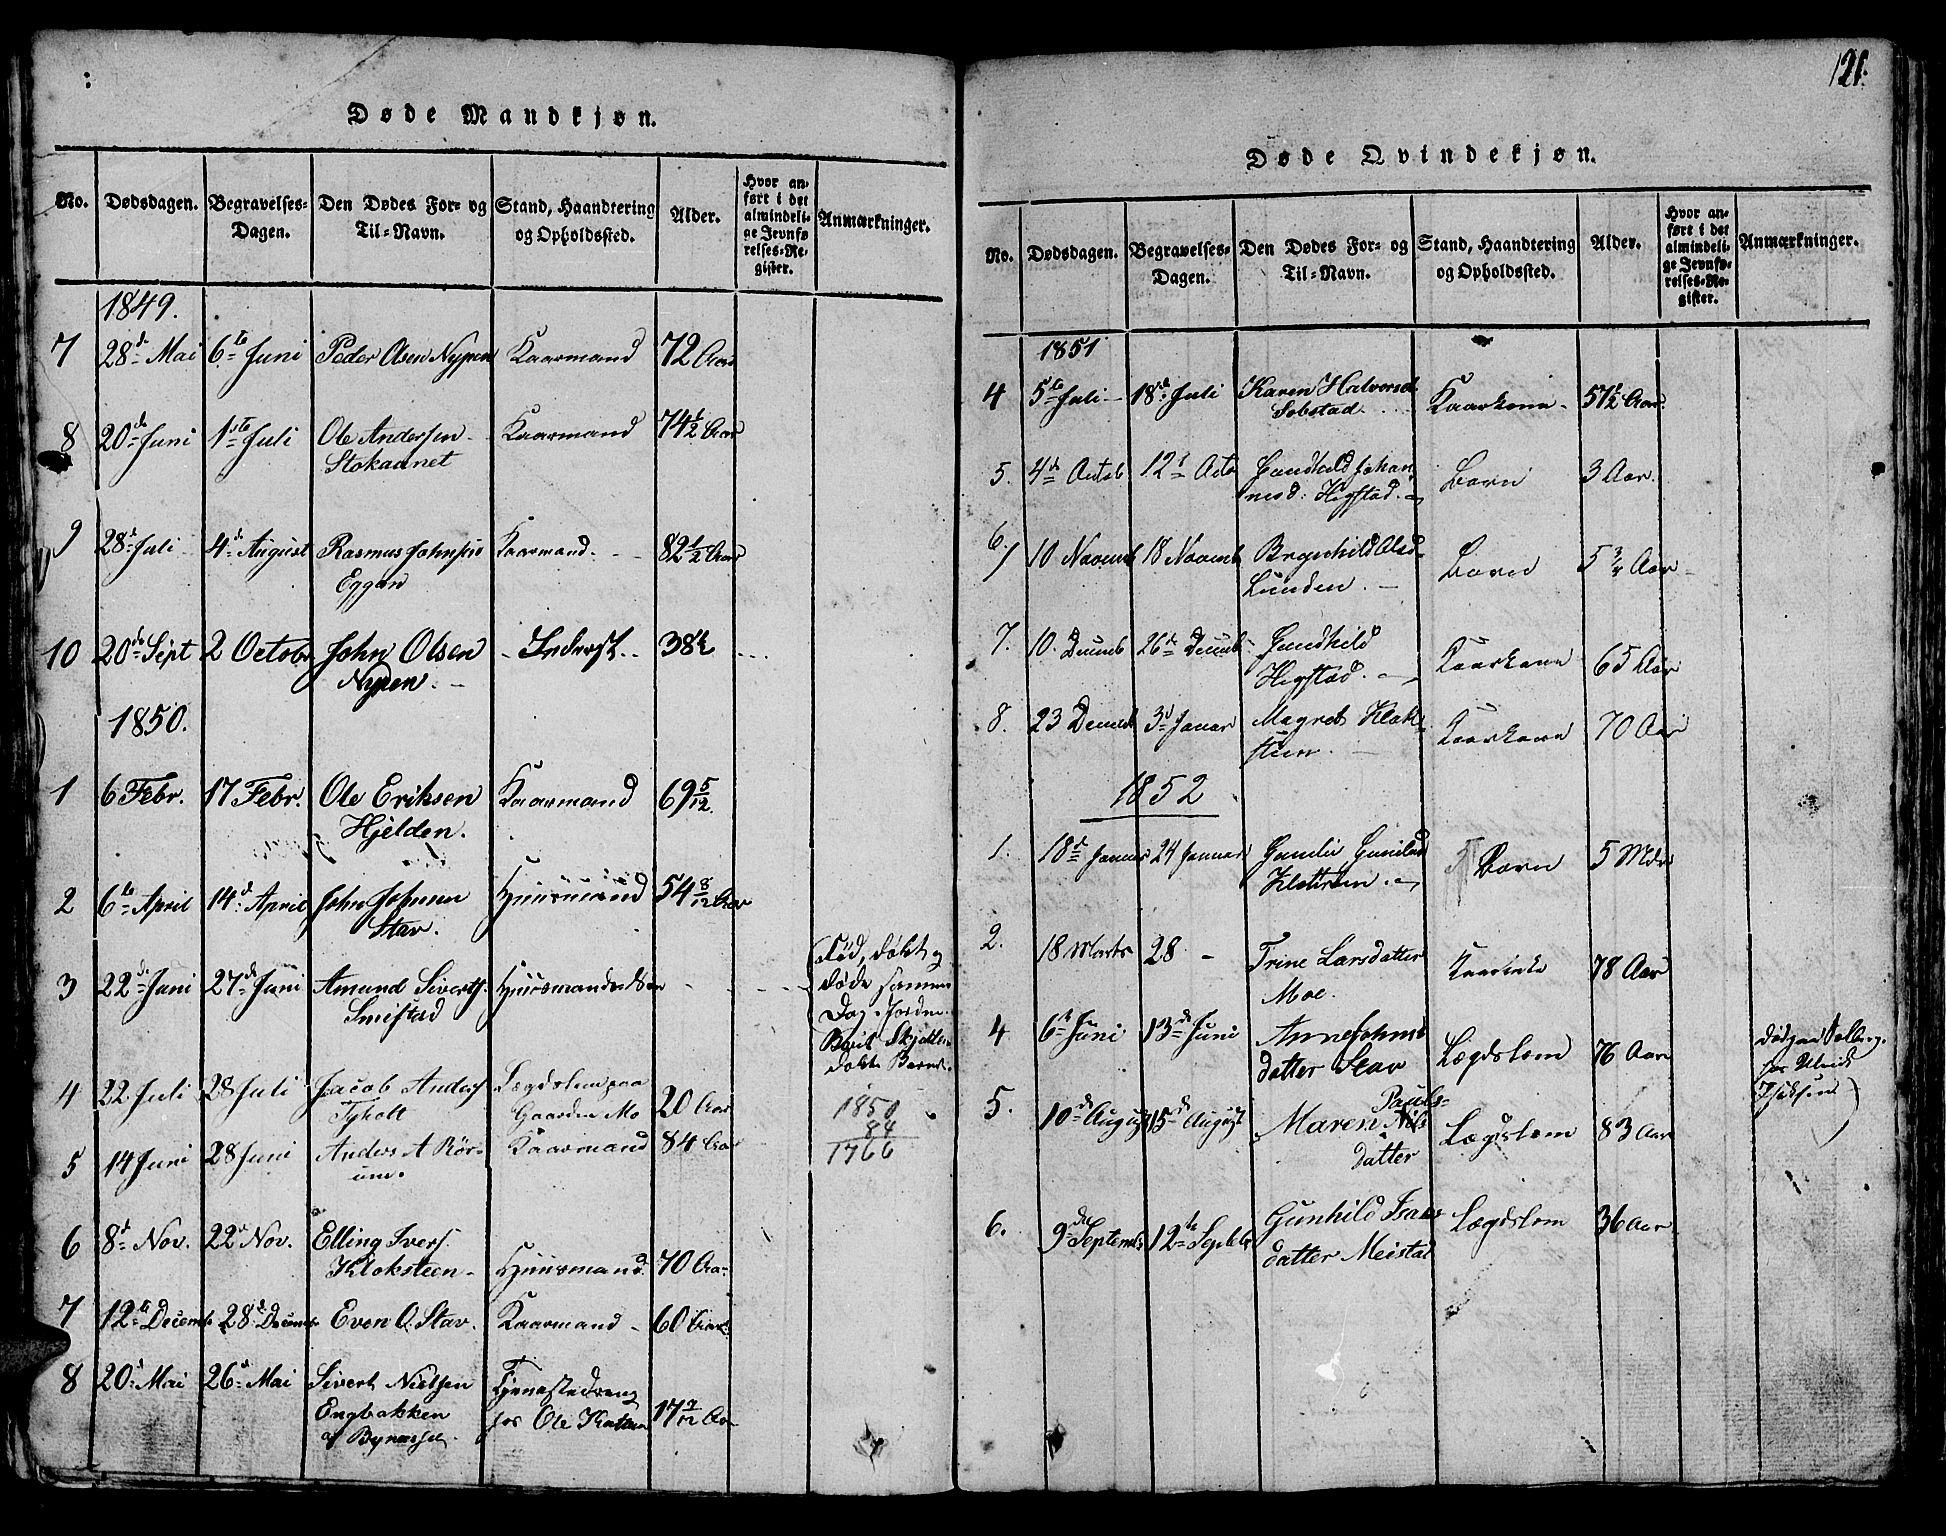 SAT, Ministerialprotokoller, klokkerbøker og fødselsregistre - Sør-Trøndelag, 613/L0393: Klokkerbok nr. 613C01, 1816-1886, s. 121